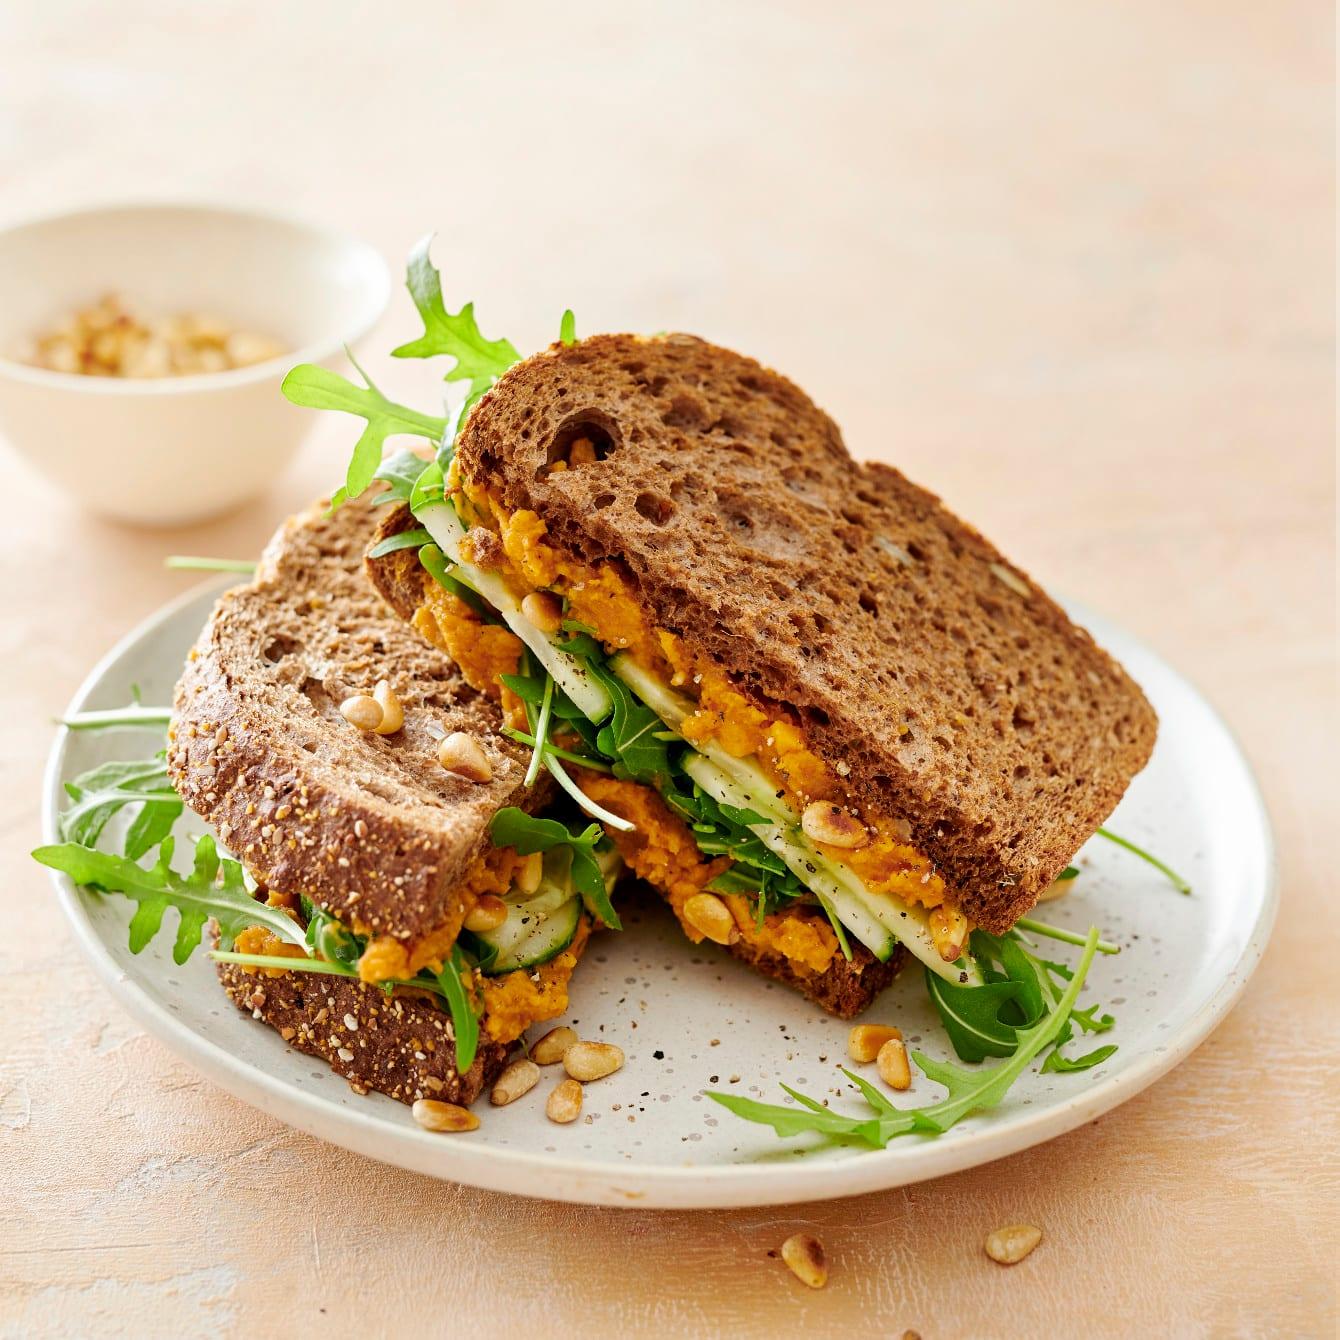 Sandwich met zoete aardappelspread